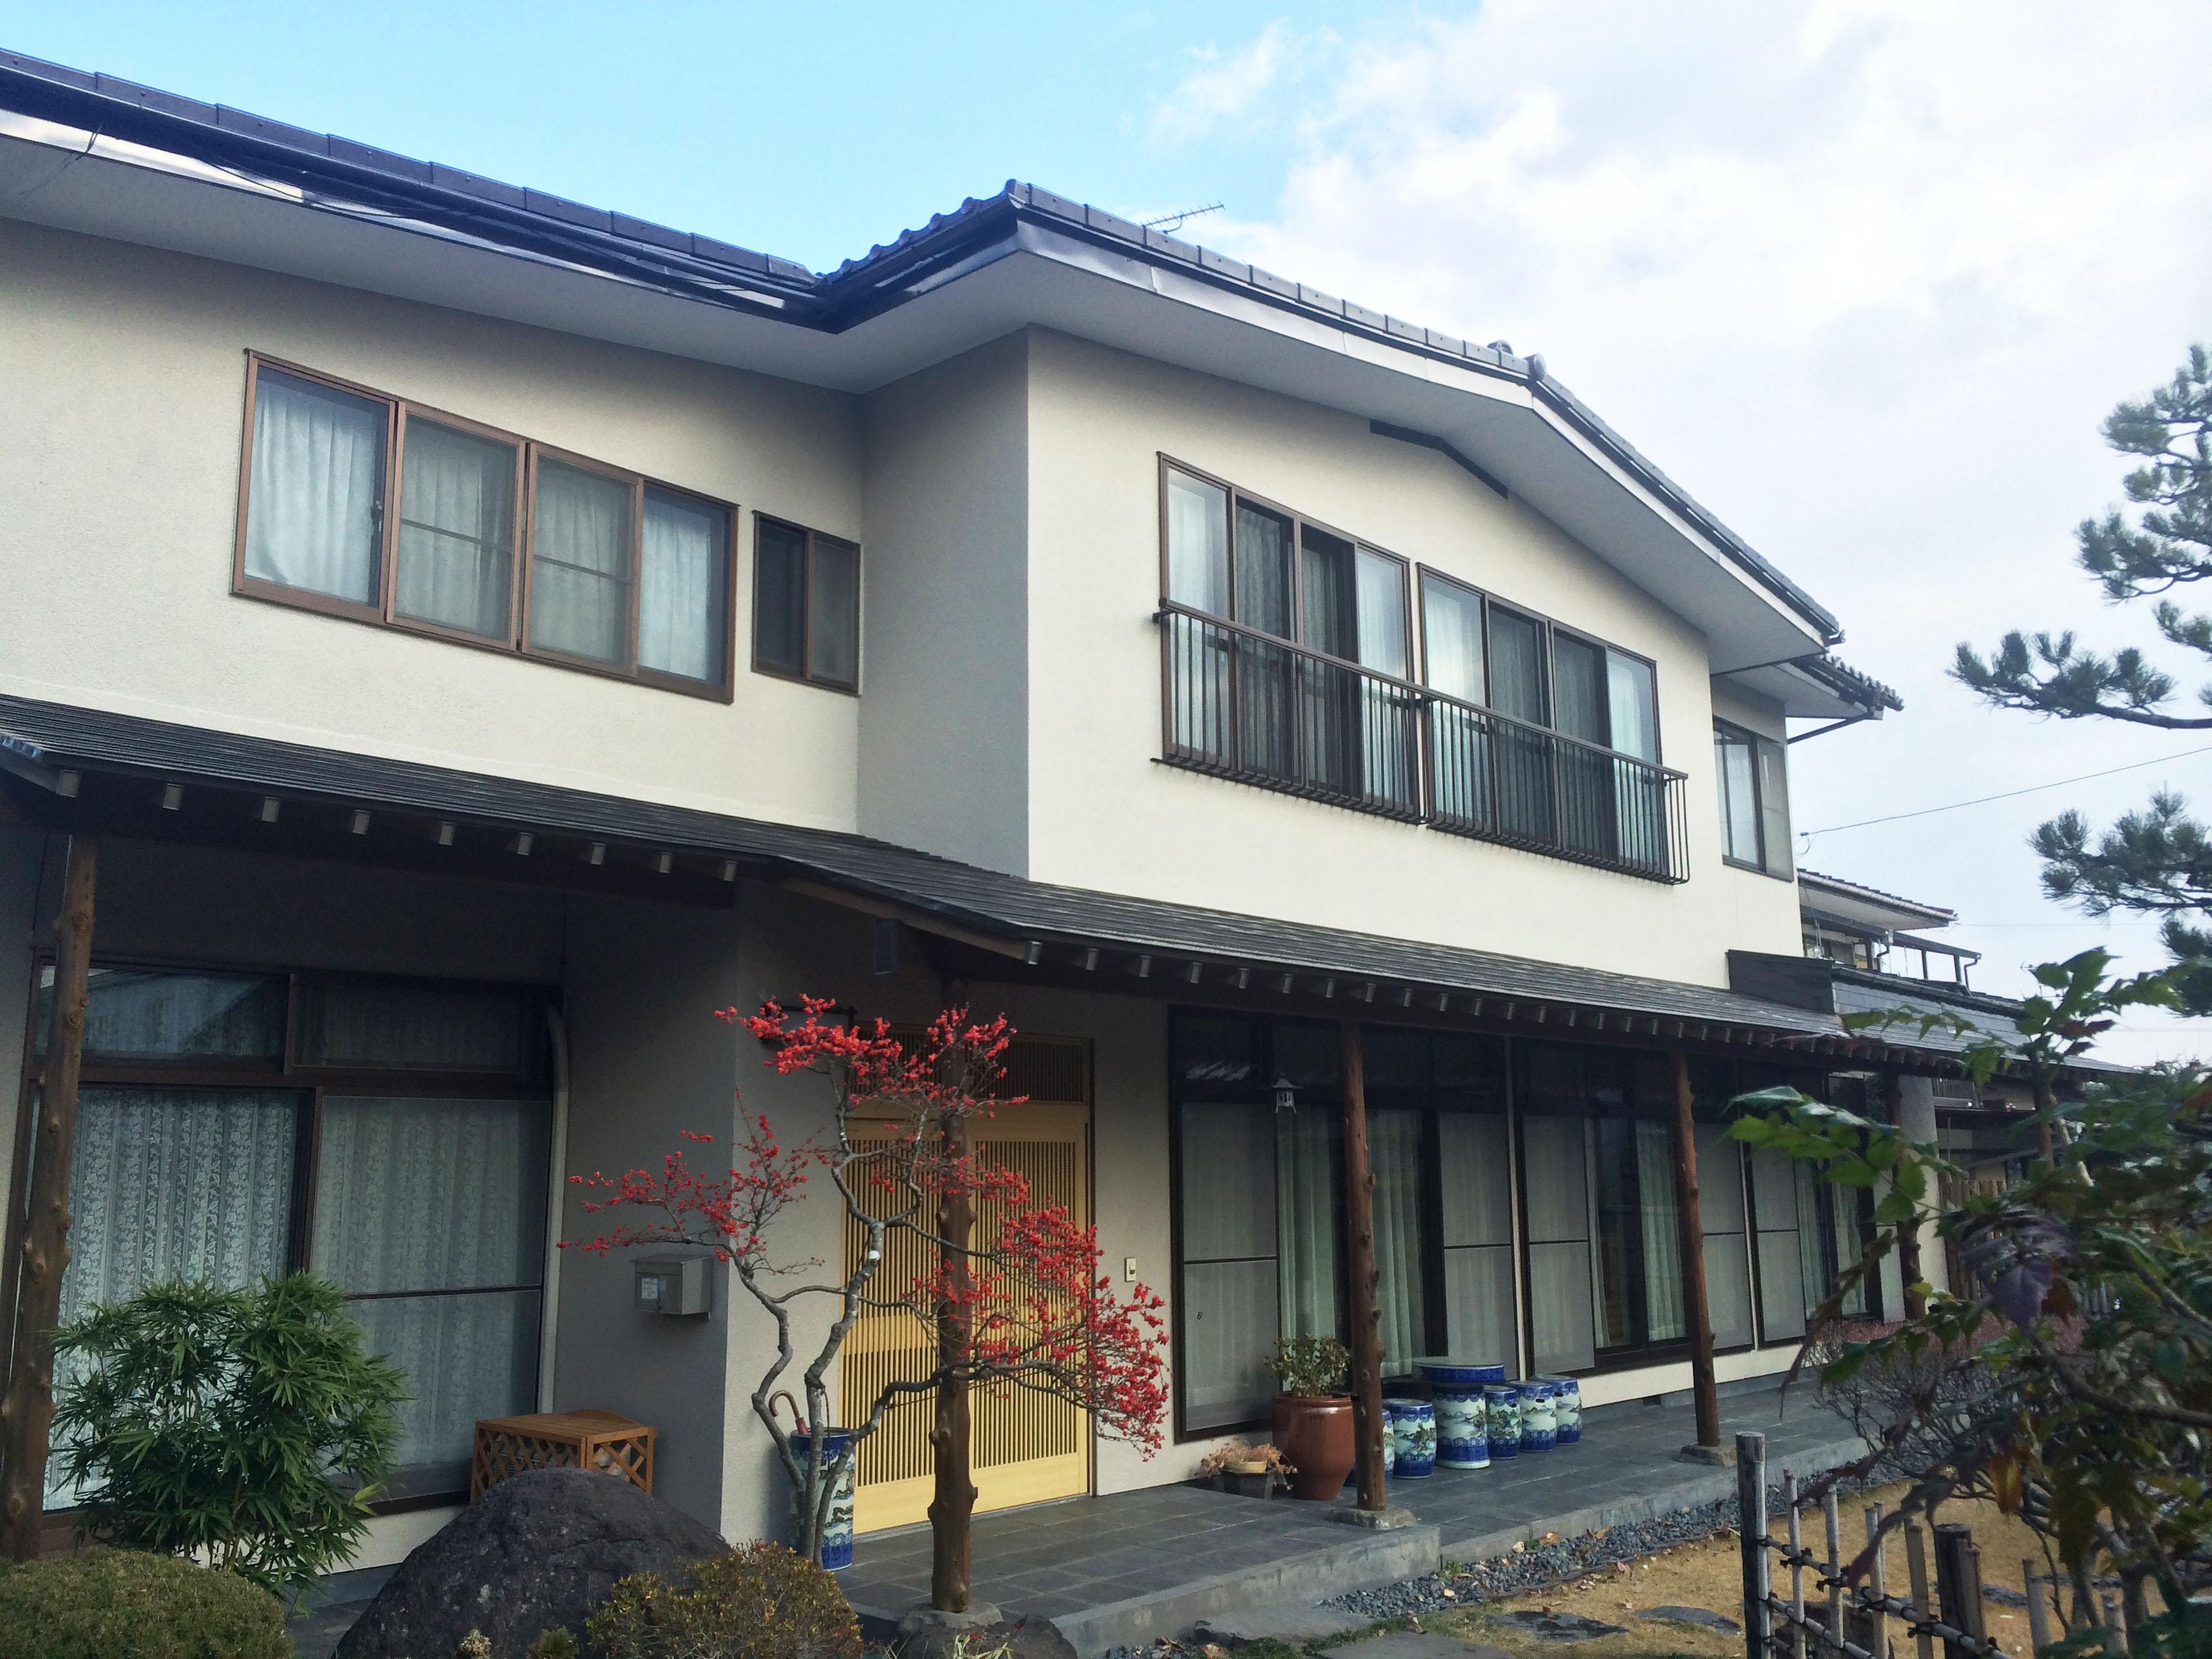 大和町S邸 外壁塗装・外装リフォーム 148万円/工期25日間 施工後